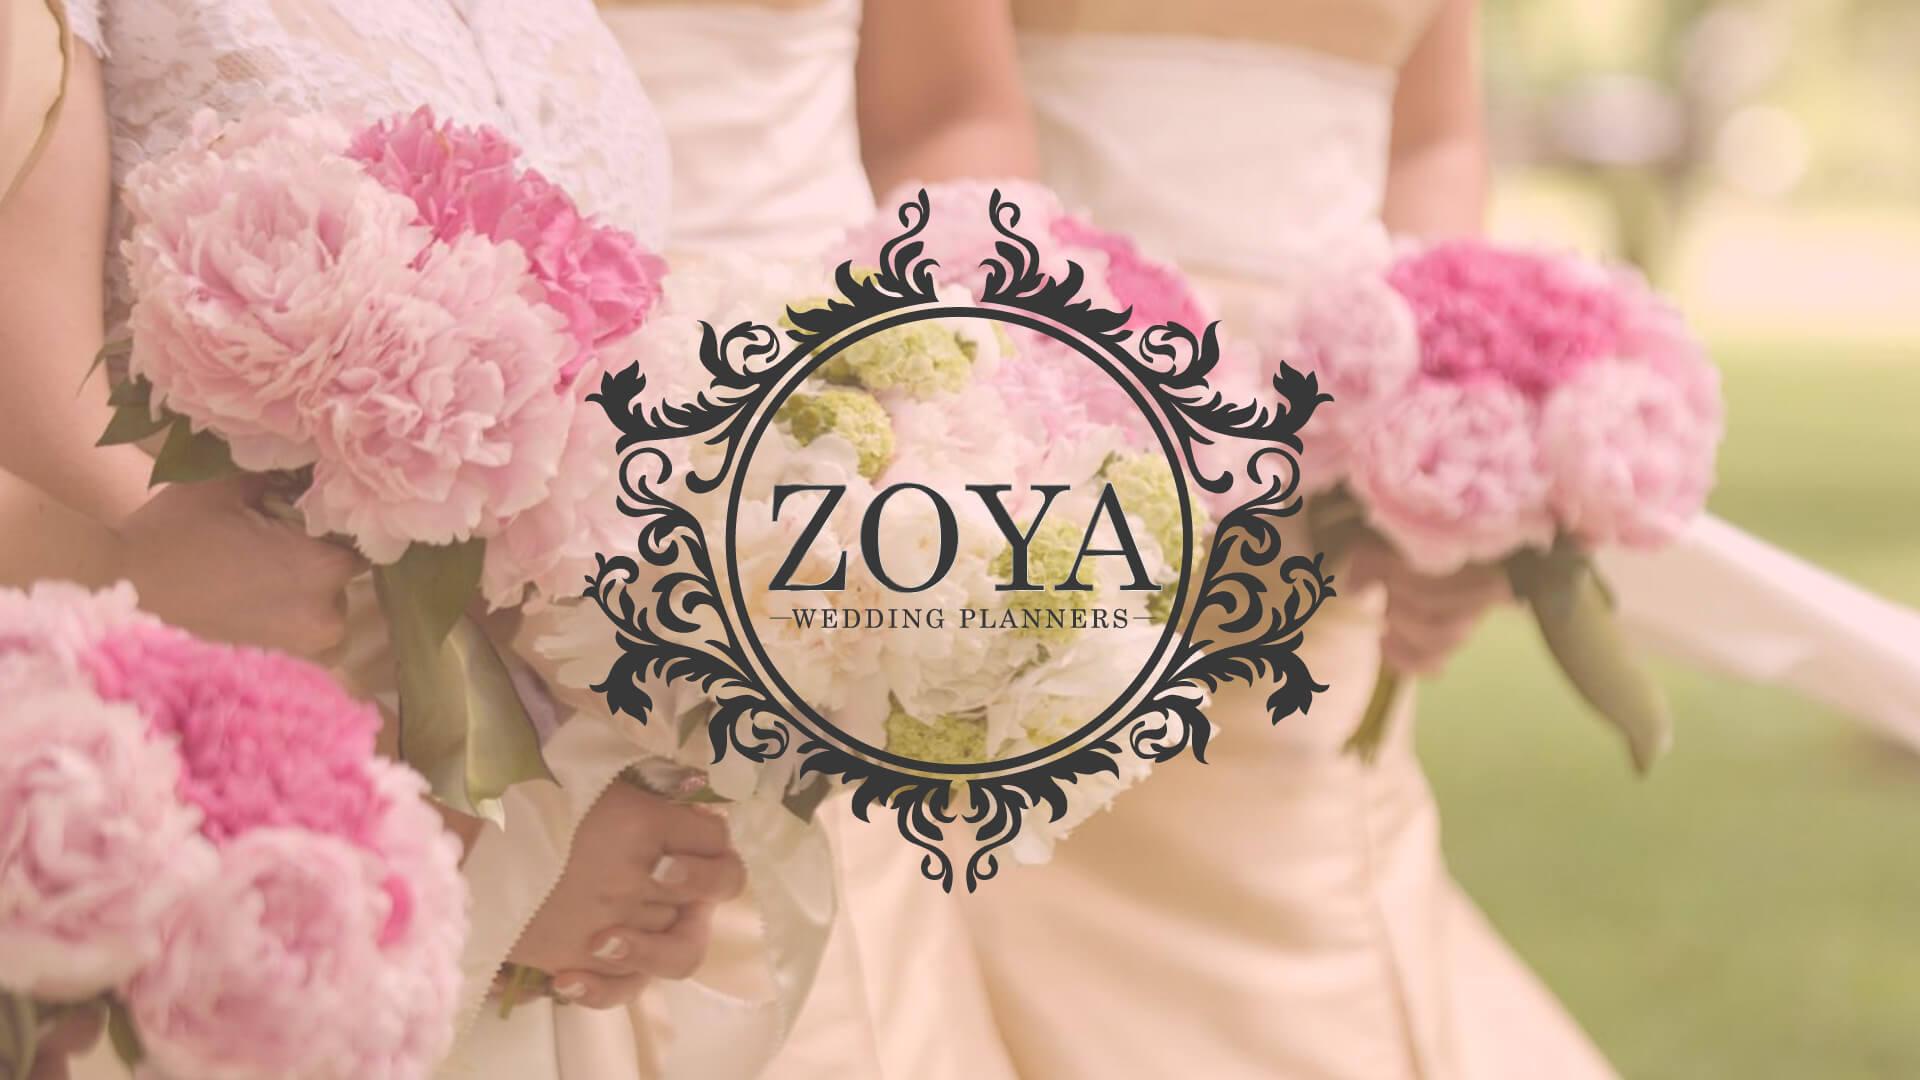 Egooroocrea & Zoya Wedding Planners